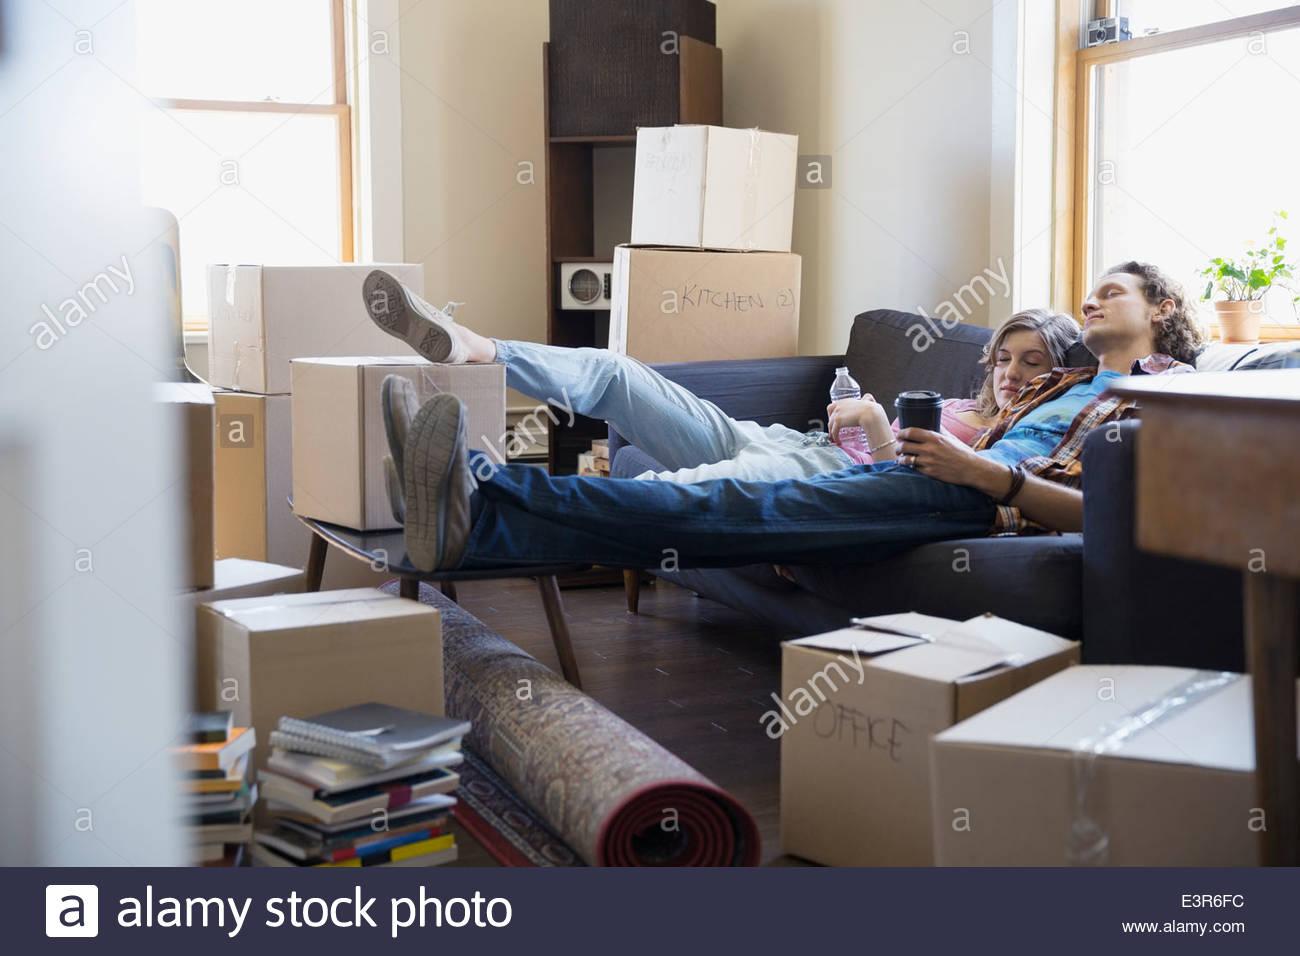 Couple relaxing on sofa entouré par des boîtes de déménagement Photo Stock